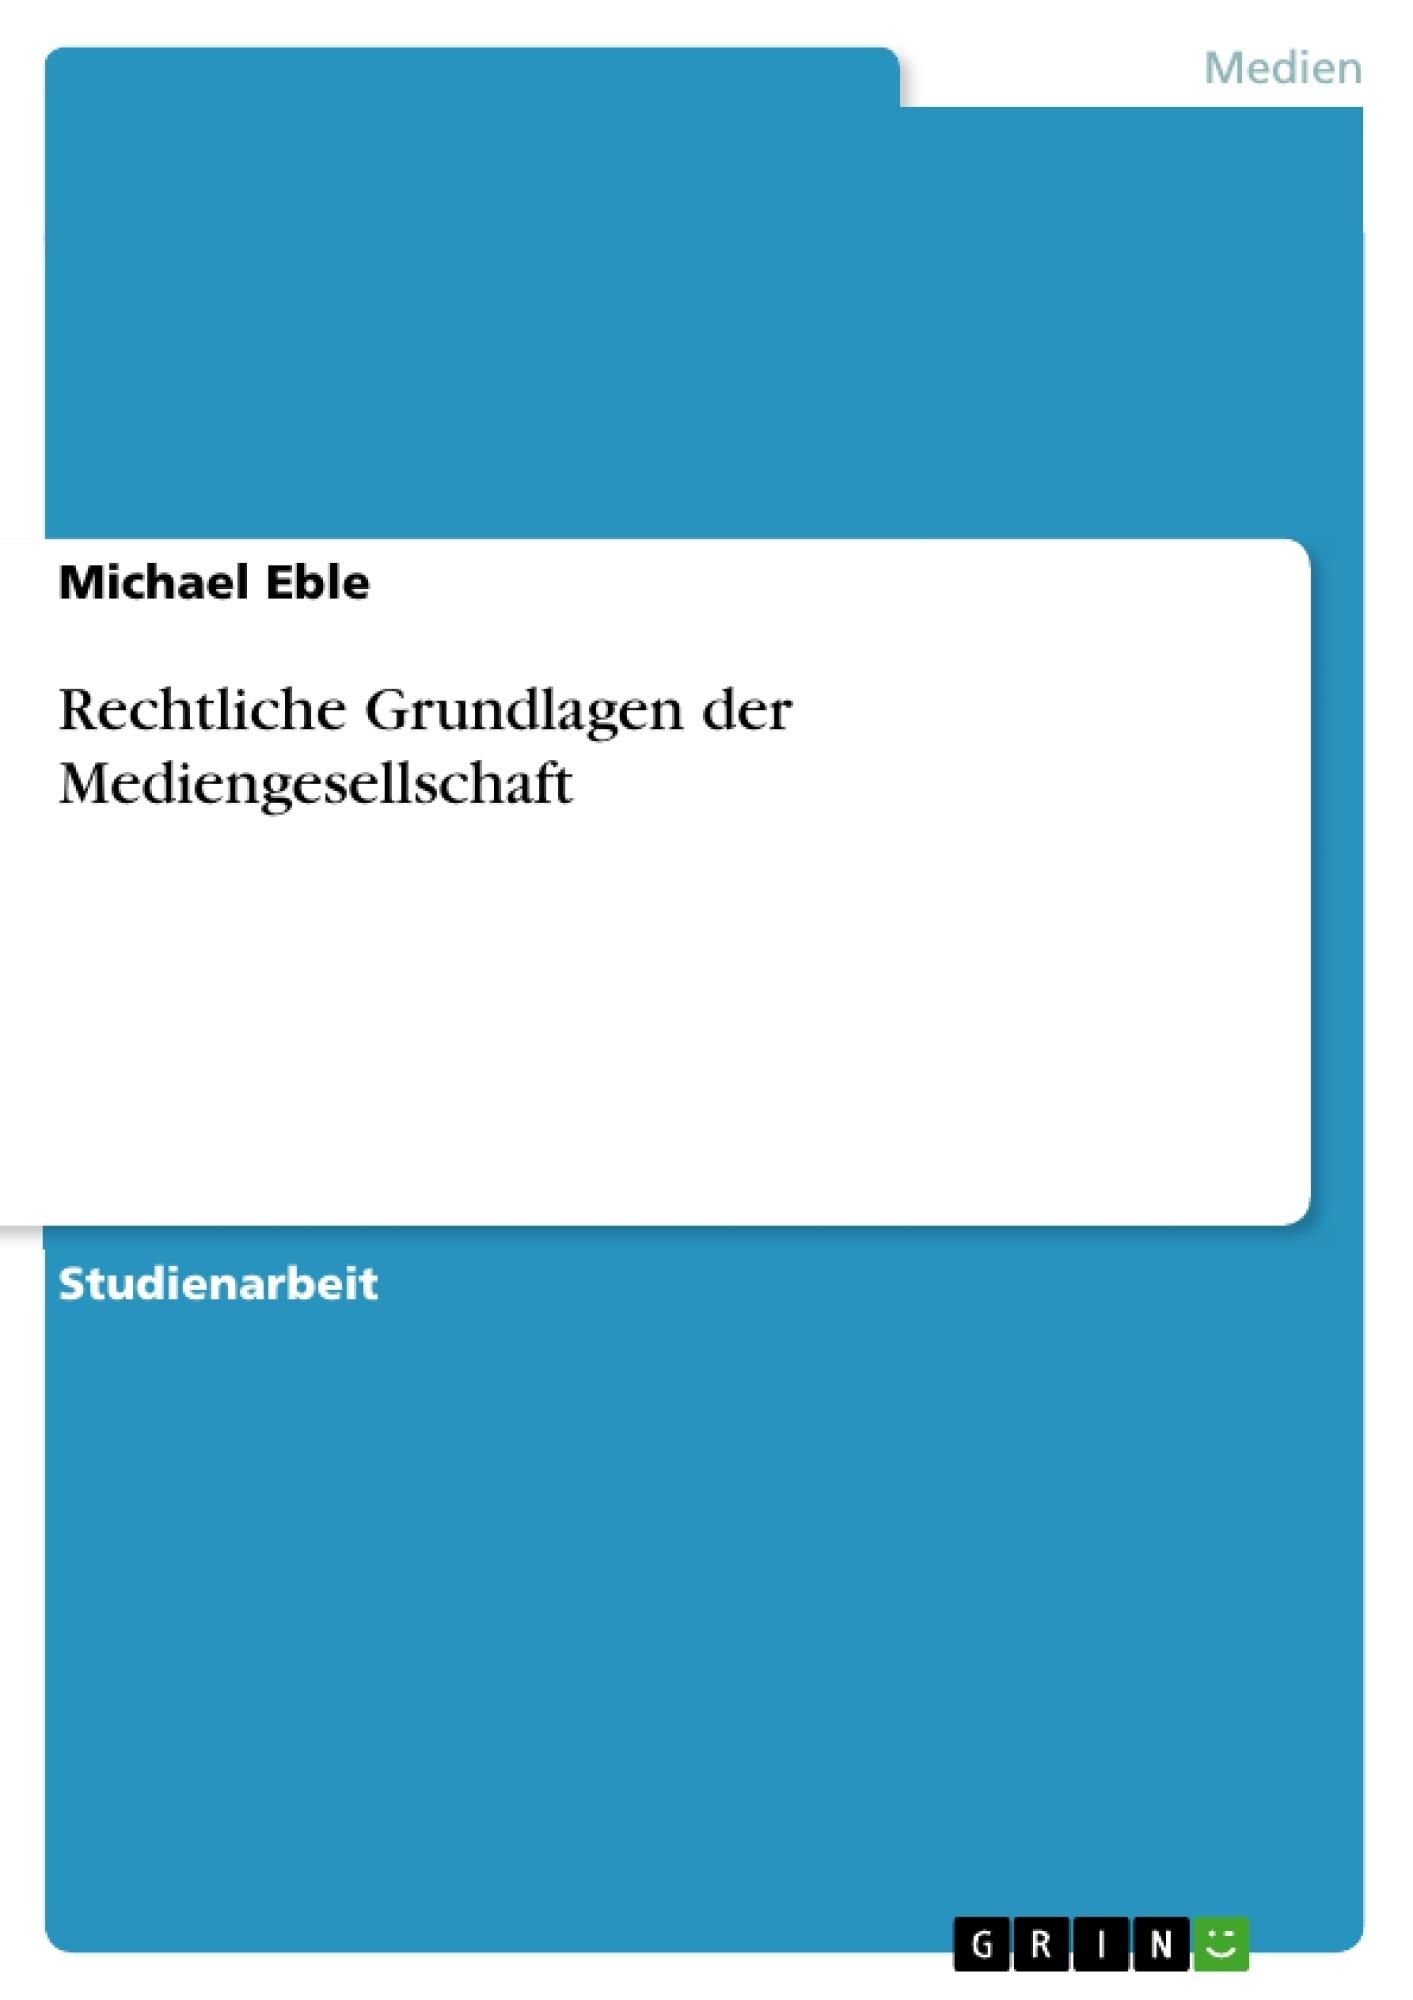 Titel: Rechtliche Grundlagen der Mediengesellschaft